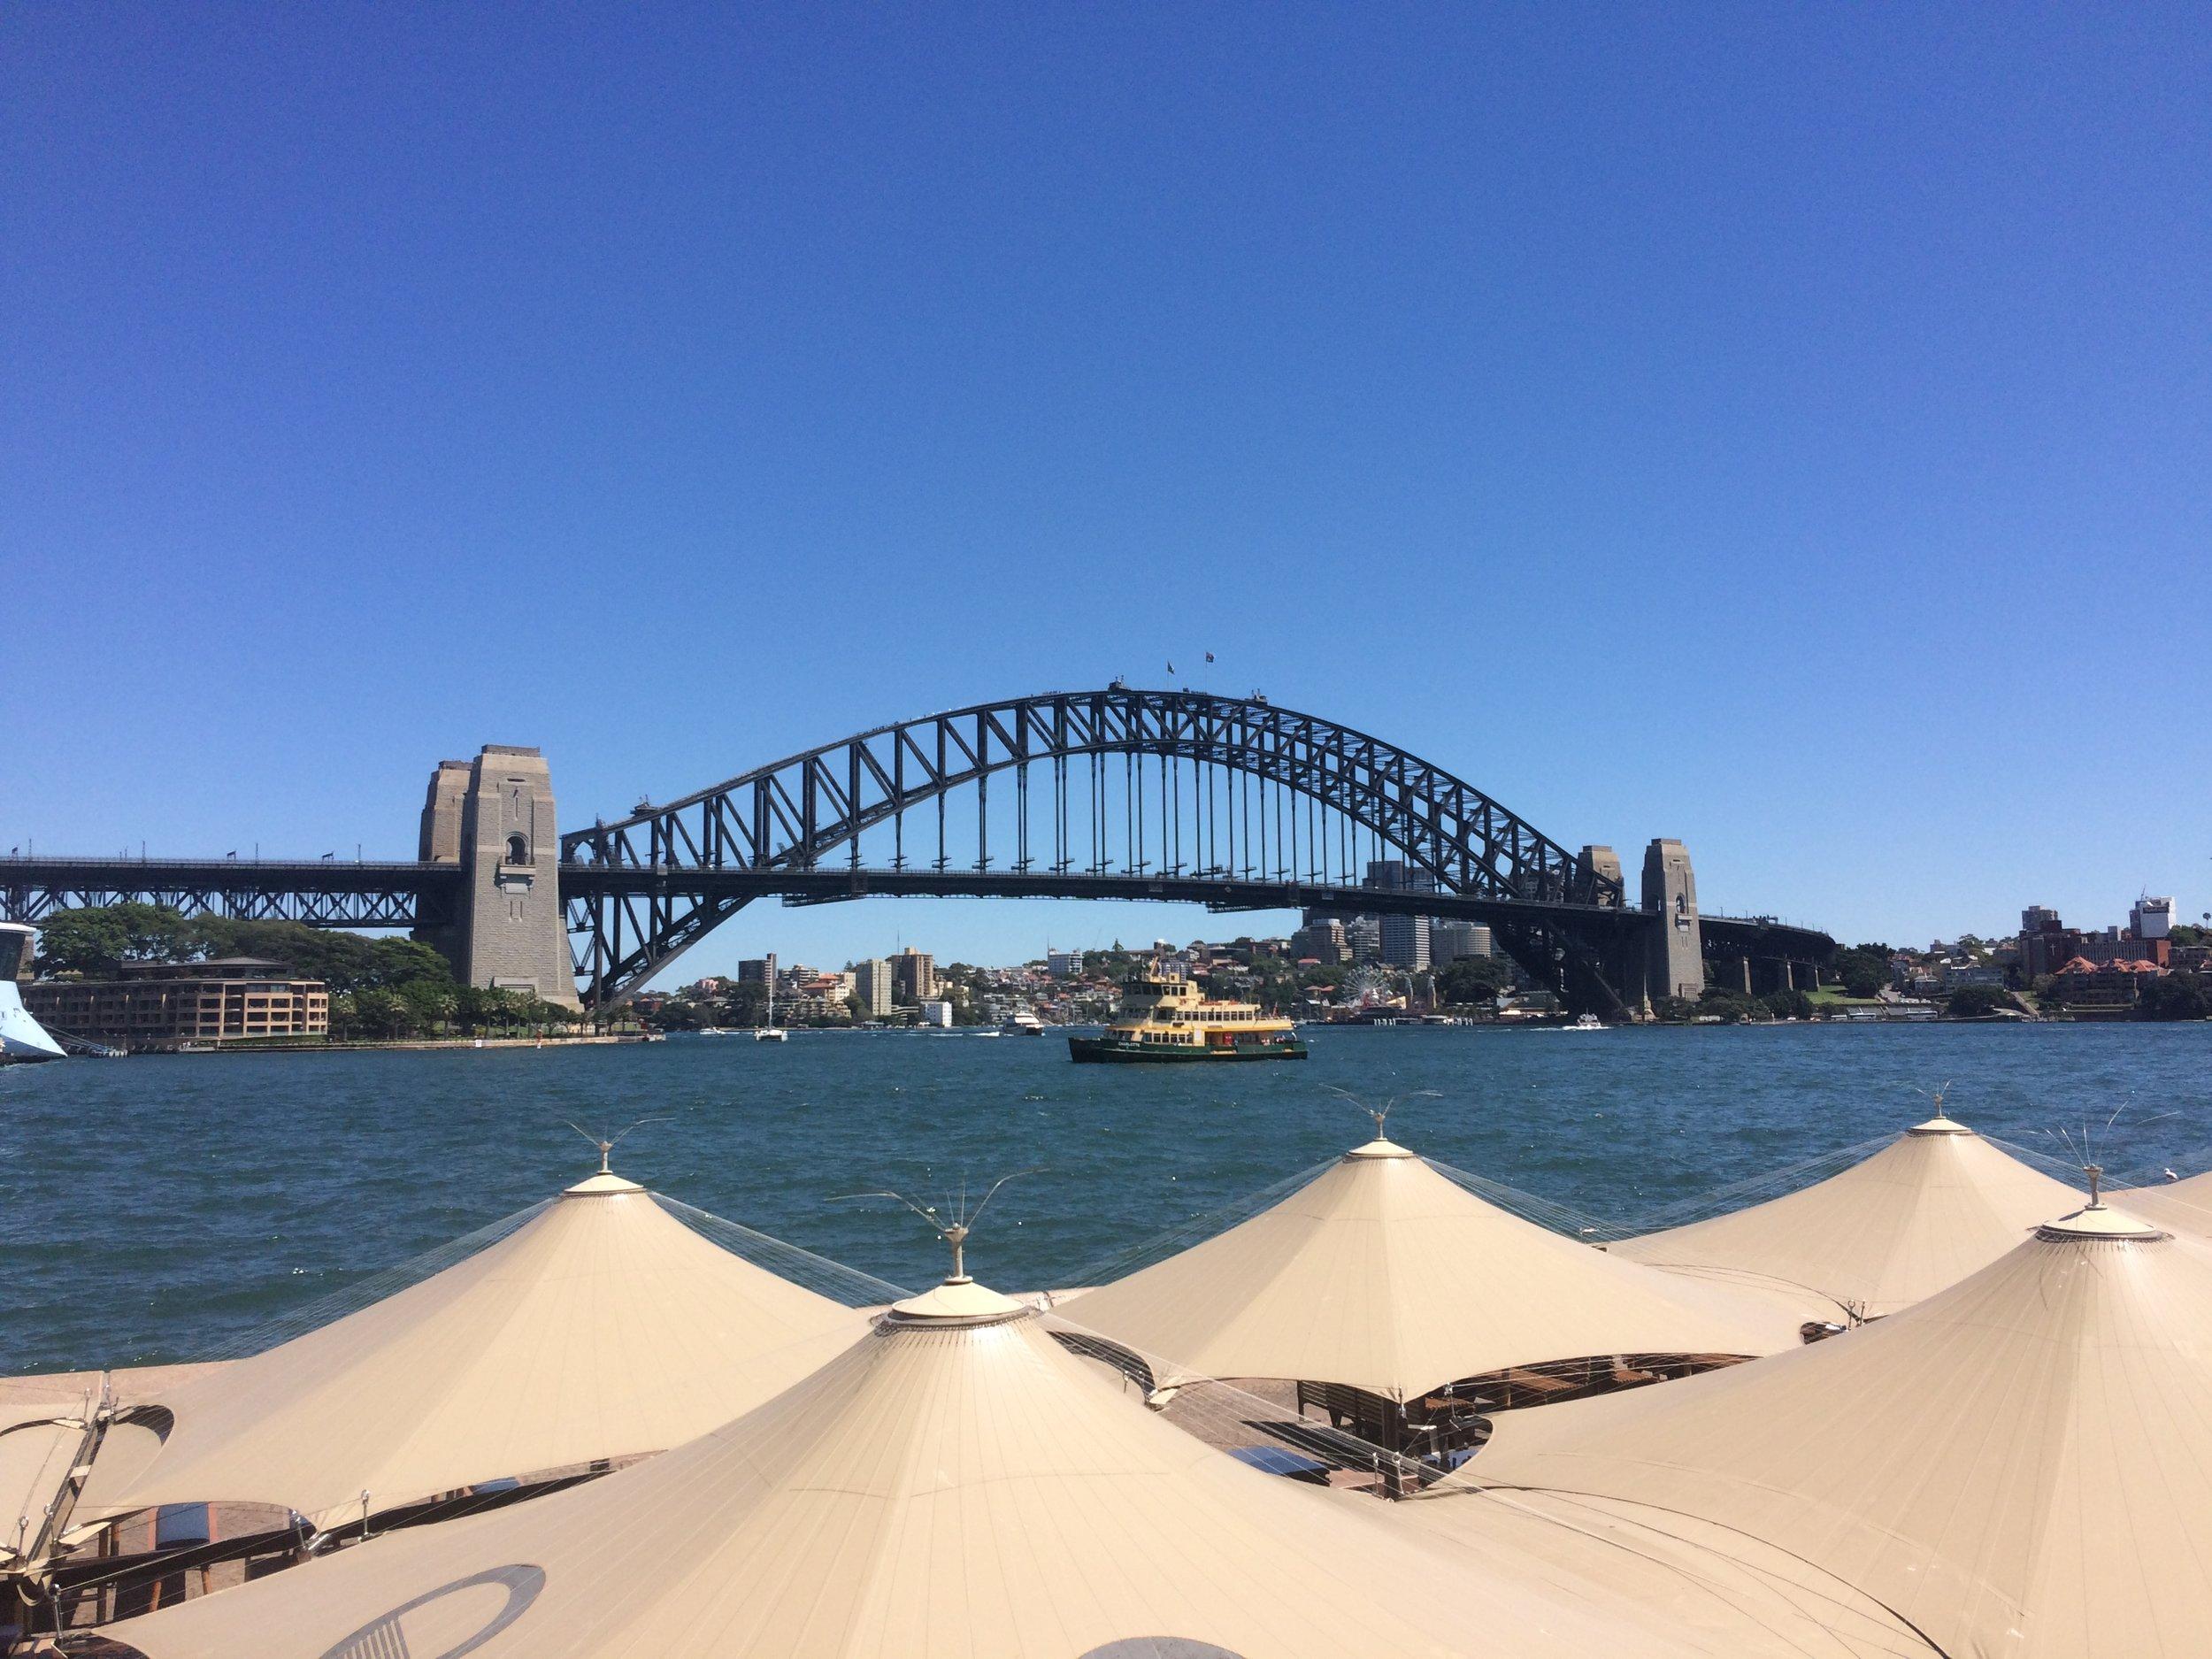 The Sydney Harbour Bridge: a fantastically large bridge